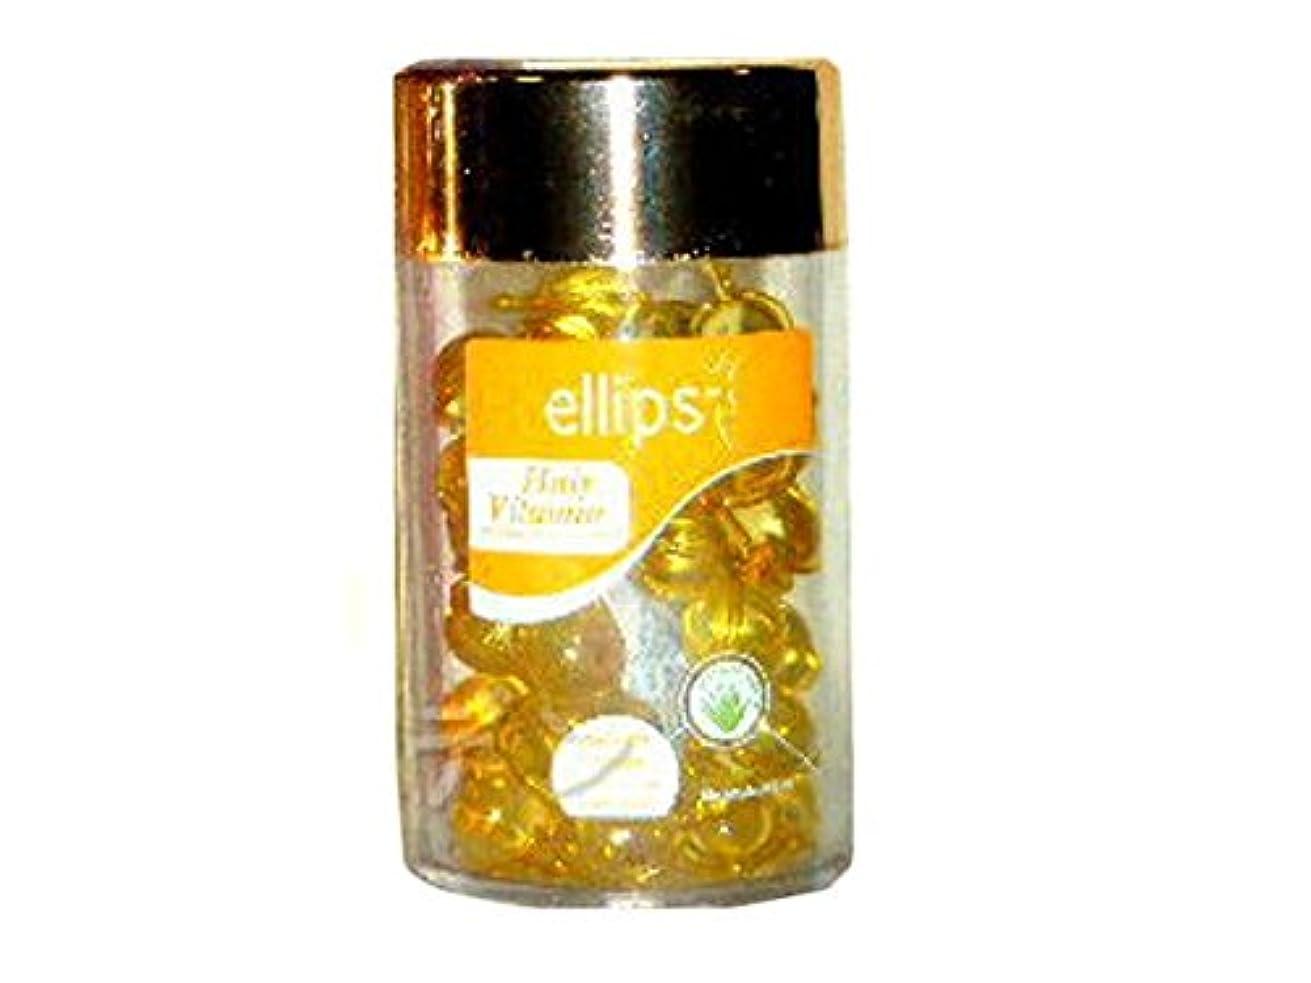 トン明示的に宴会Ellips(エリプス)ヘアビタミン(50粒入) [並行輸入品][海外直送品] イエロー